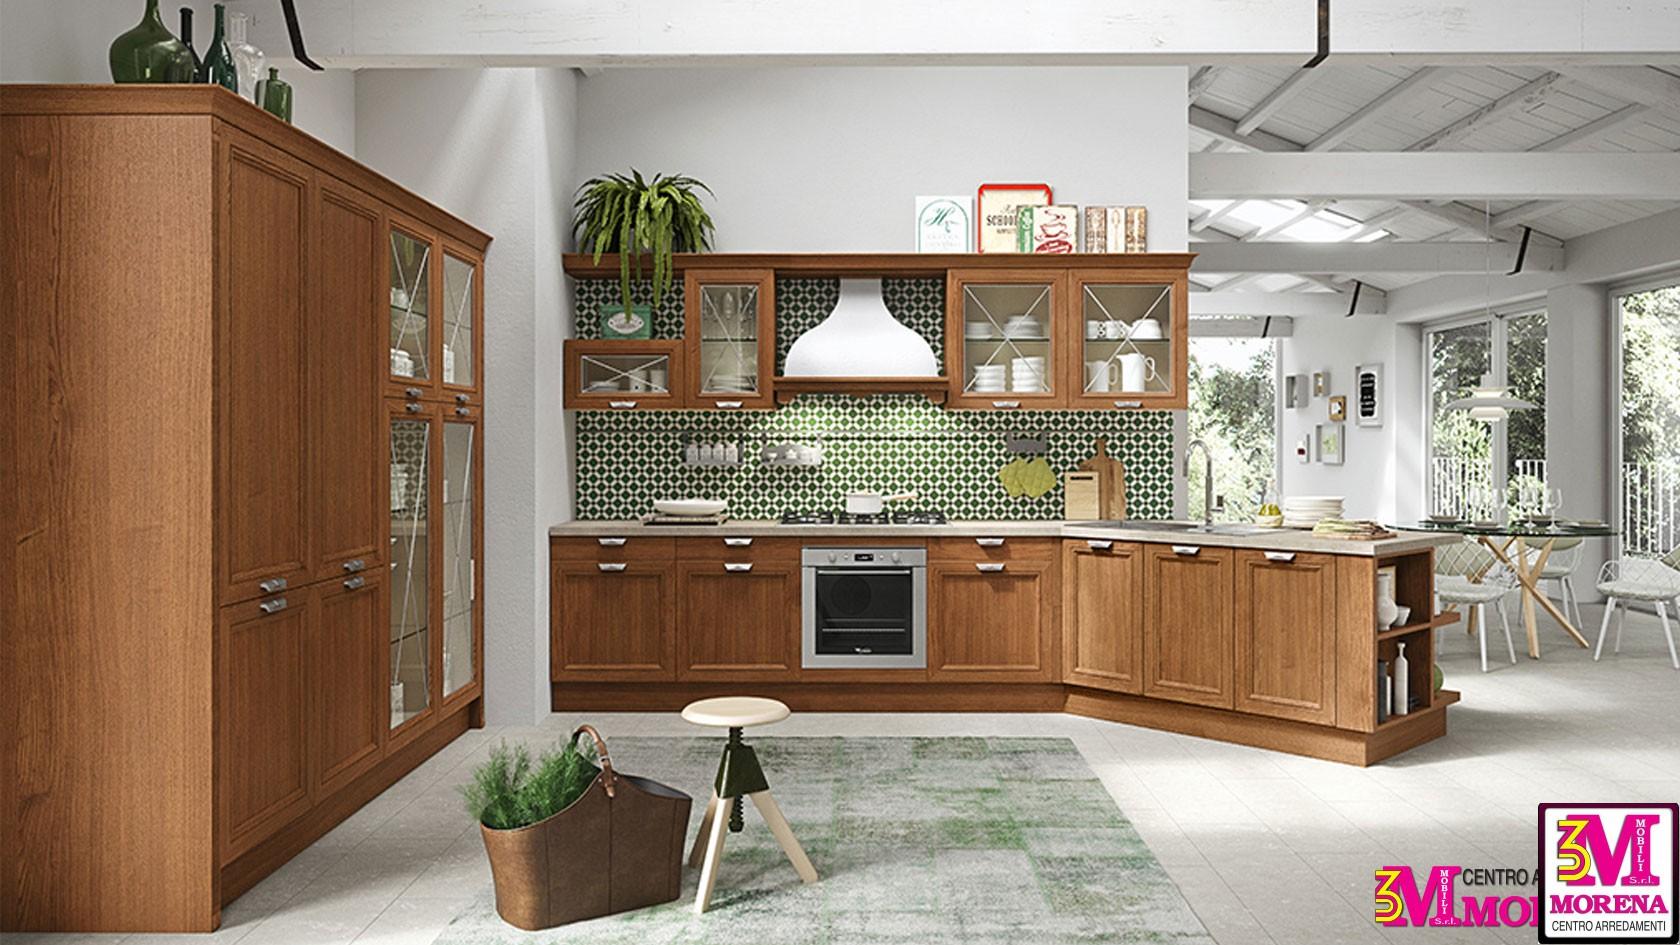 Aran cucine aran cucine recensioni ispirazioni design - Aran cucine recensioni ...